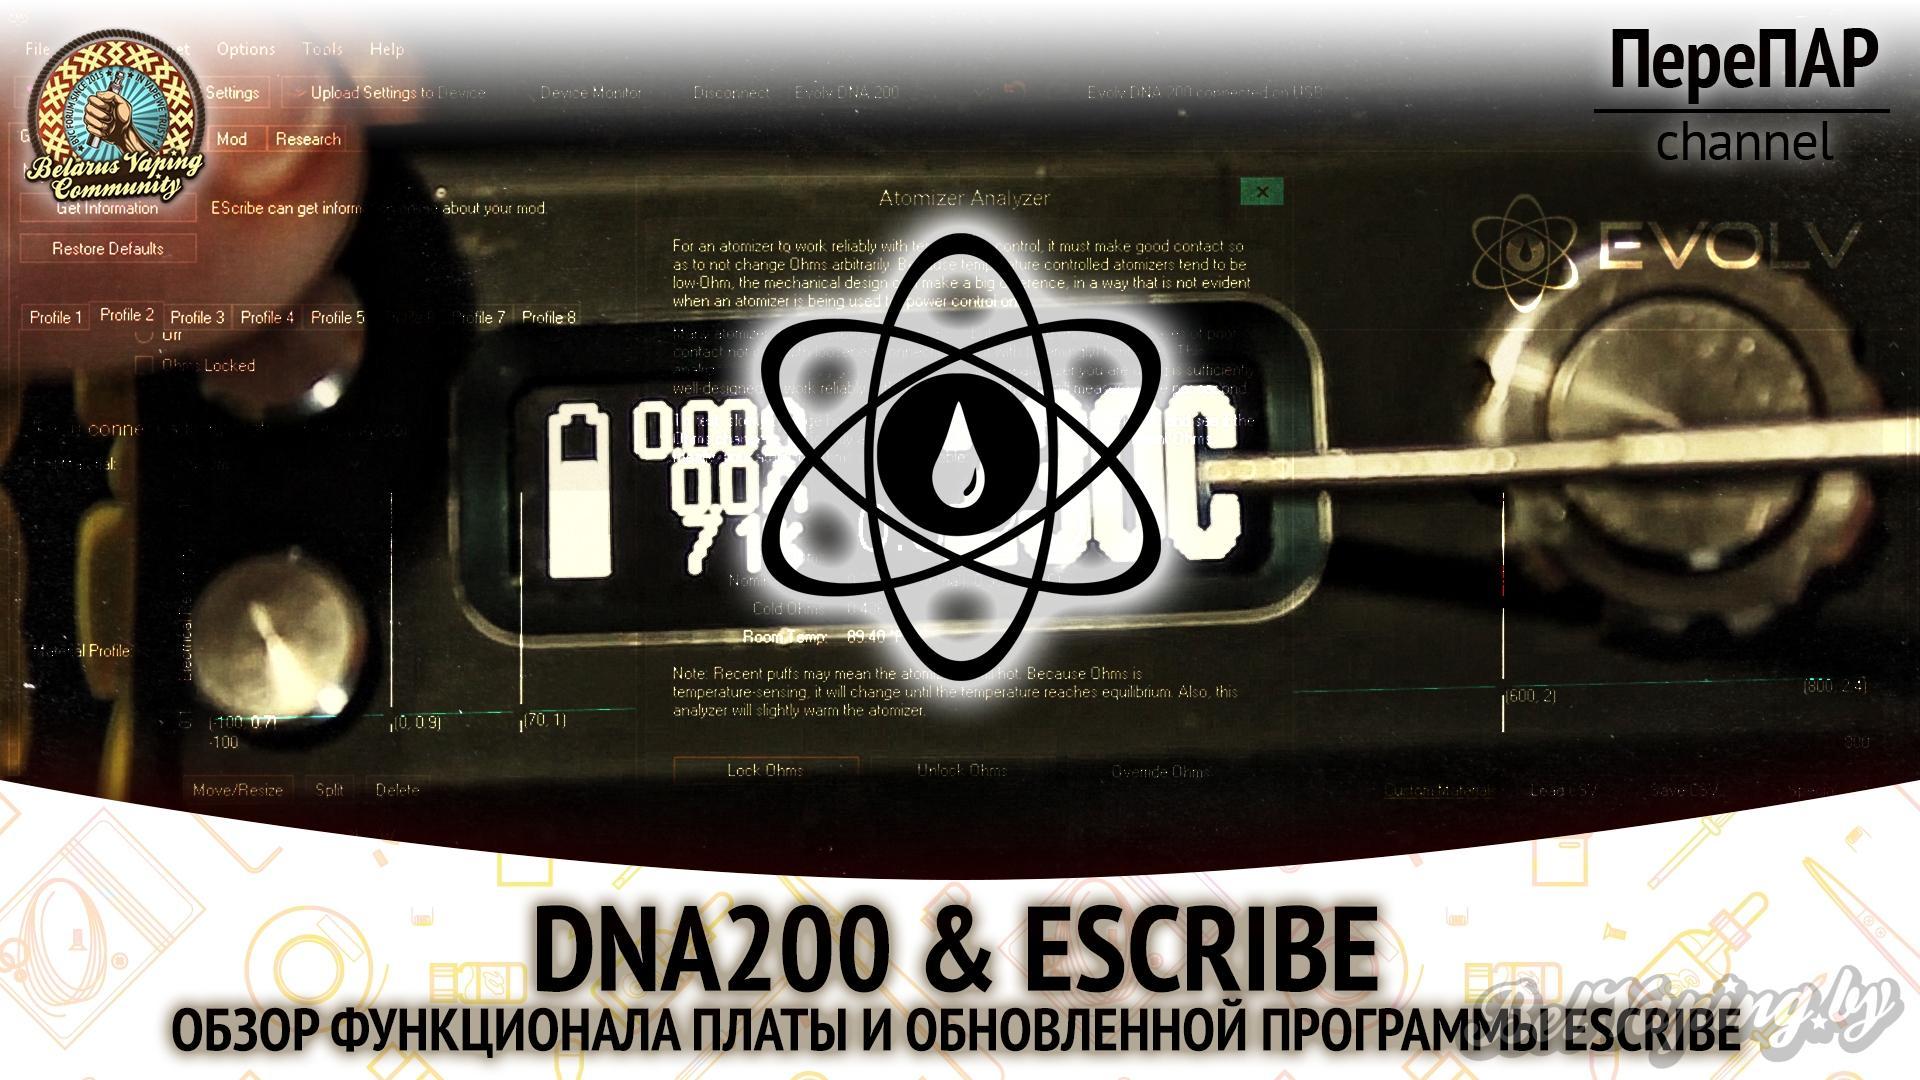 DNA200 и EScribe. Обзор платы и обновленной программы EScribe